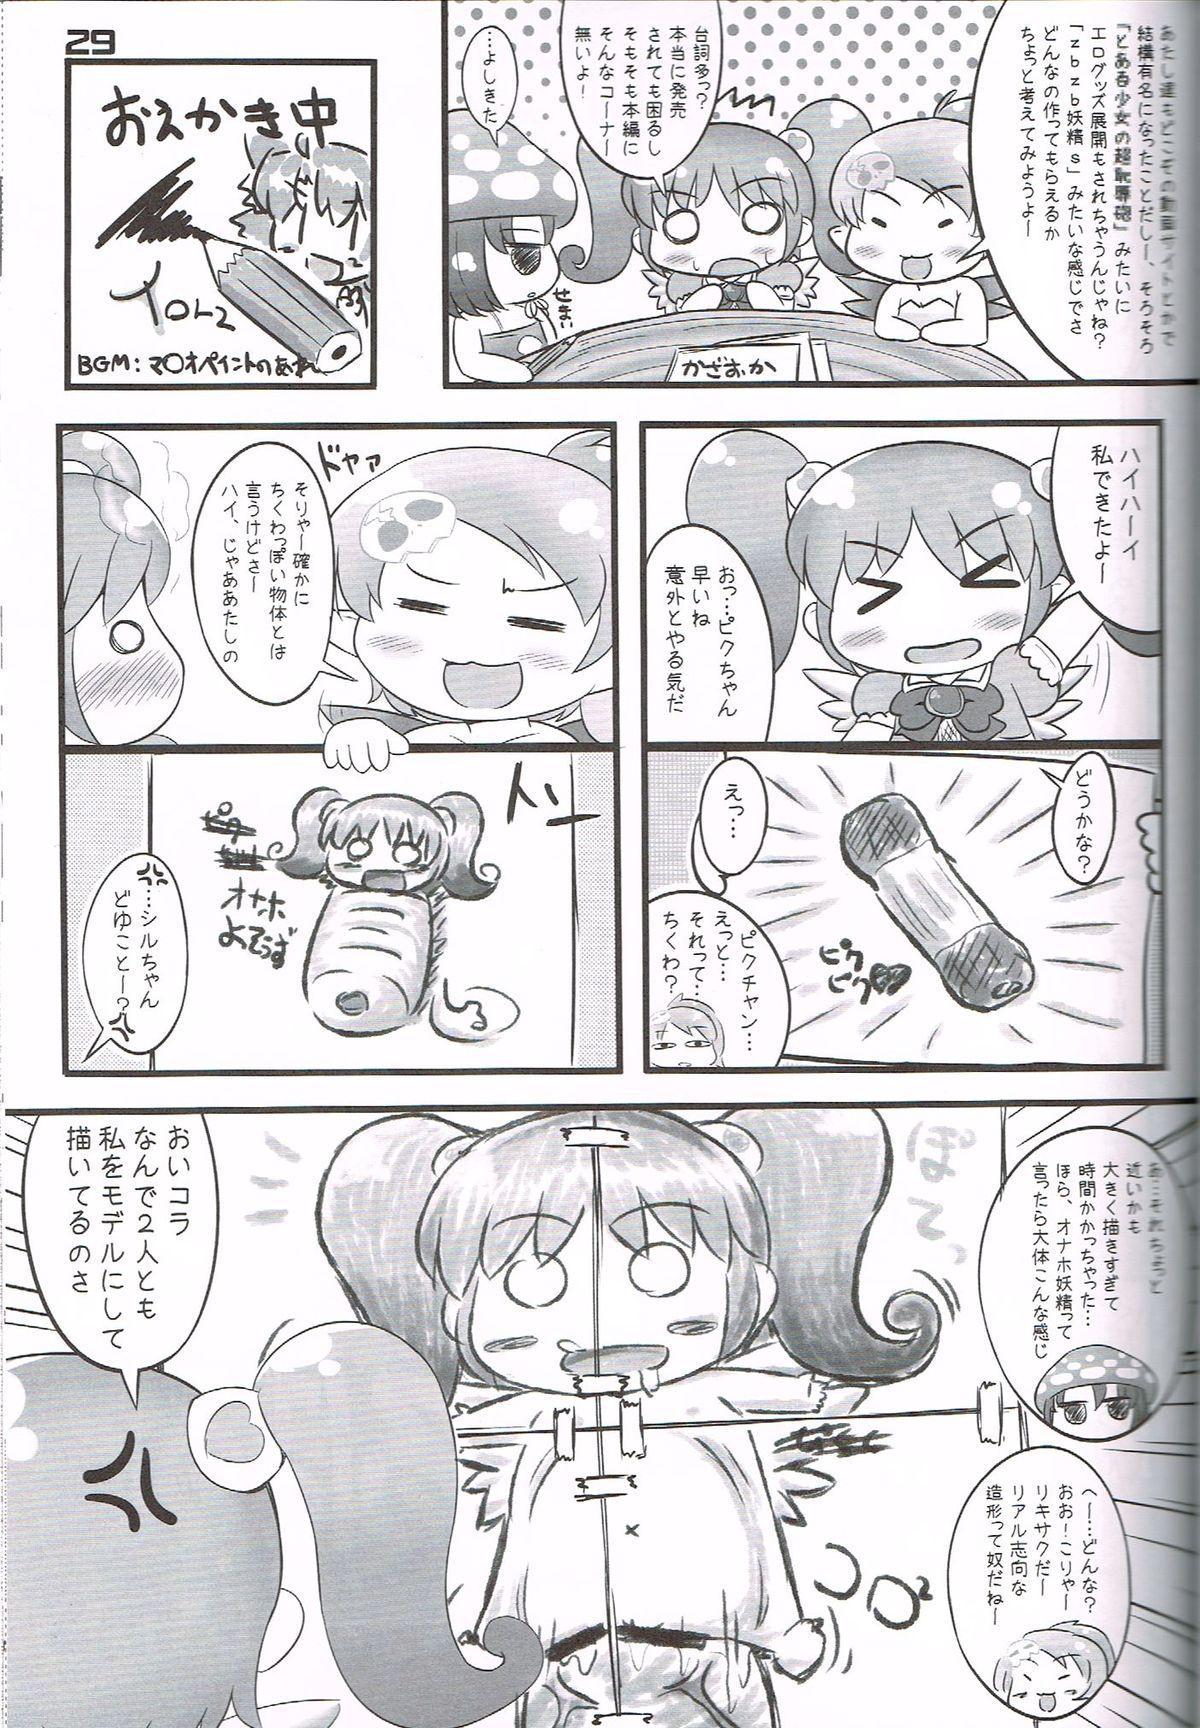 """Hatashite Konofuyu Nansatsu no Doujinshi ga """"○○ Fairies"""" Toiu Title Darouka 27"""